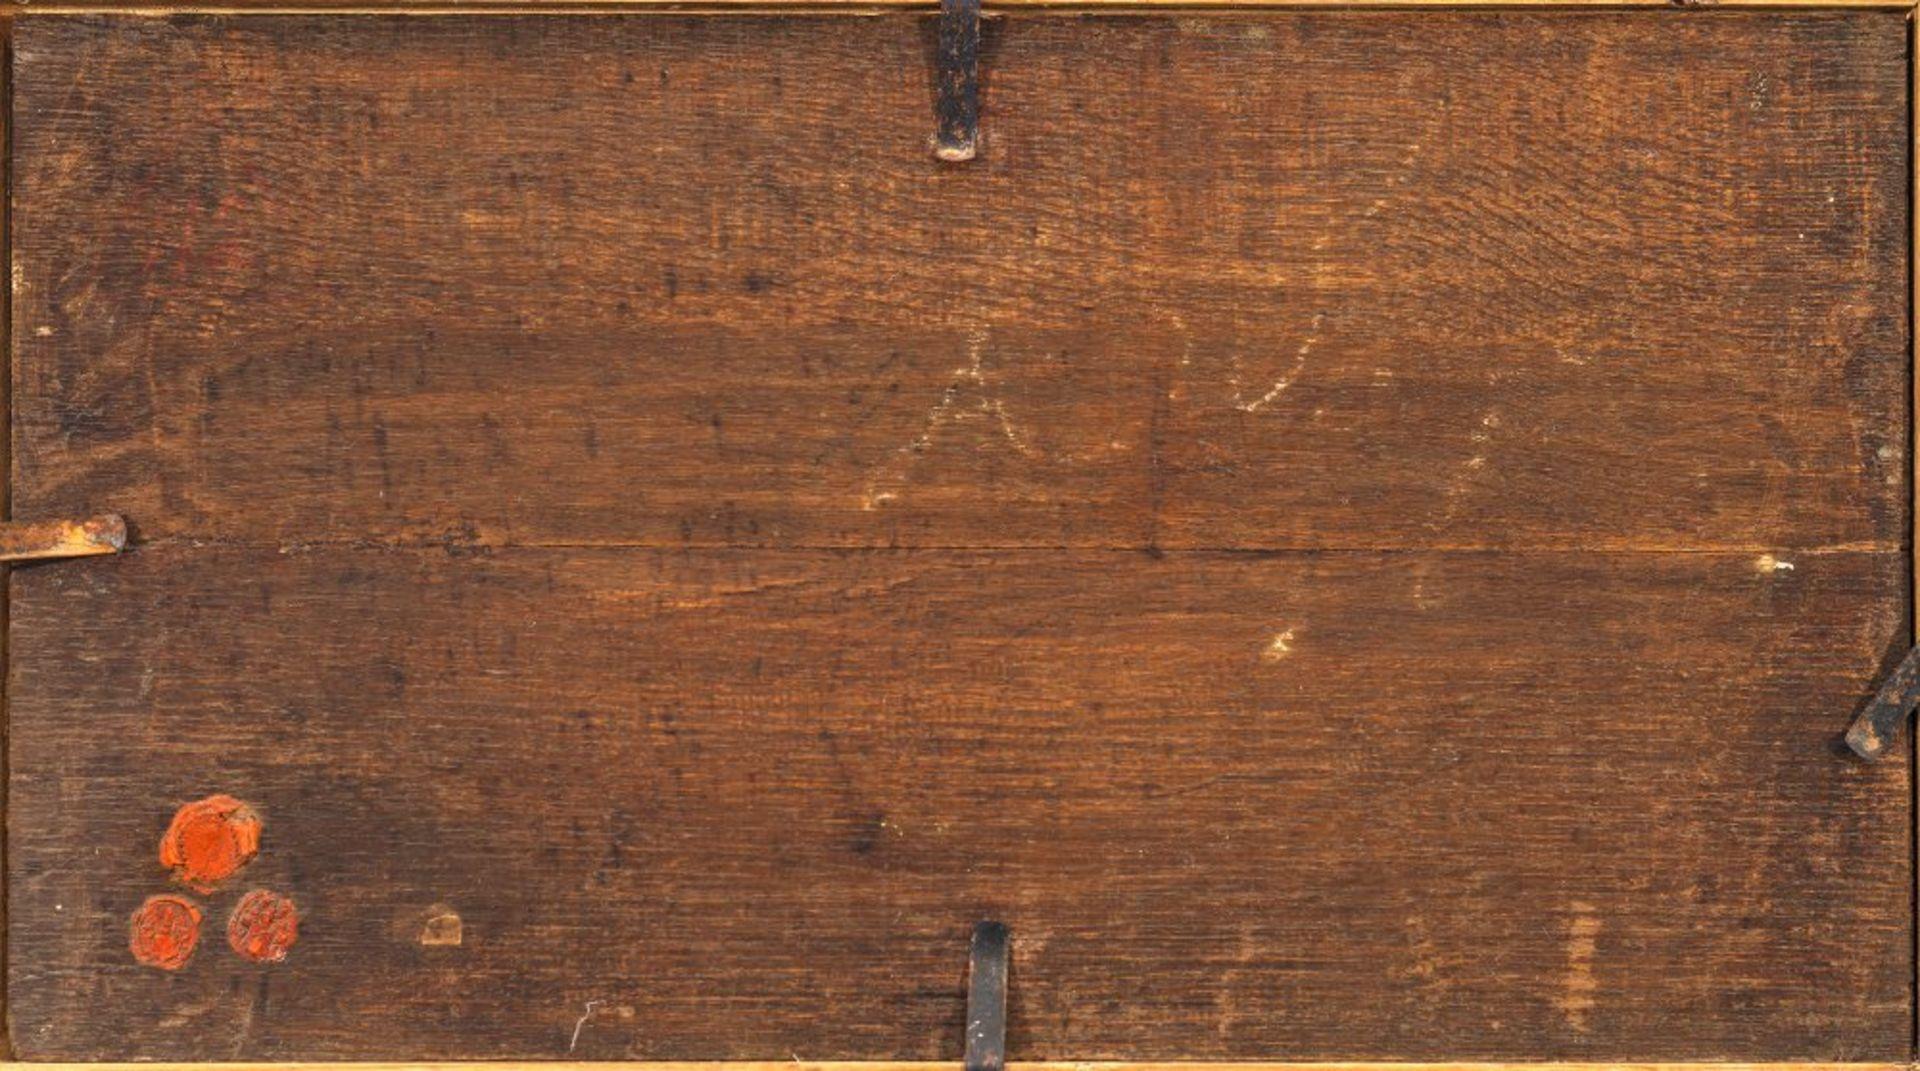 Knijff, Wouter, zugeschriebenOrtschaft am Fluß mit Ruder- und Segelbooten. Öl/Holz. 28 x 49 cm. - Bild 2 aus 3